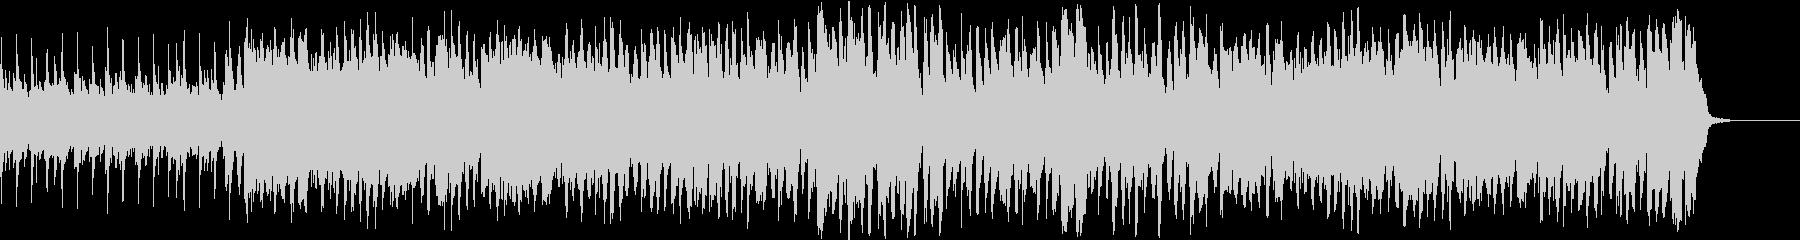 【60秒】カントリー&ウェスタンの楽曲の未再生の波形